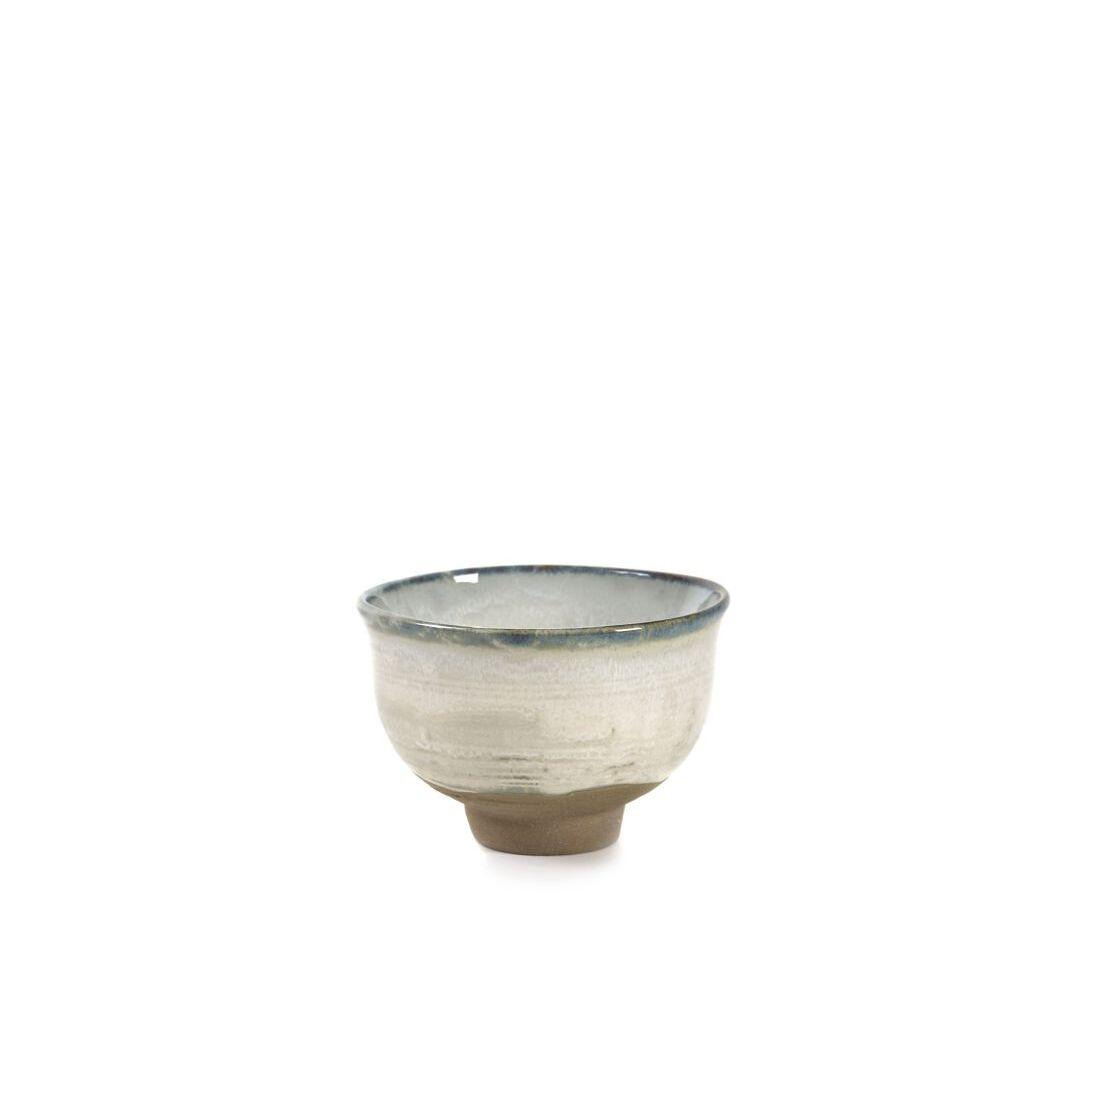 bowl merci n°2 small d9 gebrochenes weiss, 12,50 €